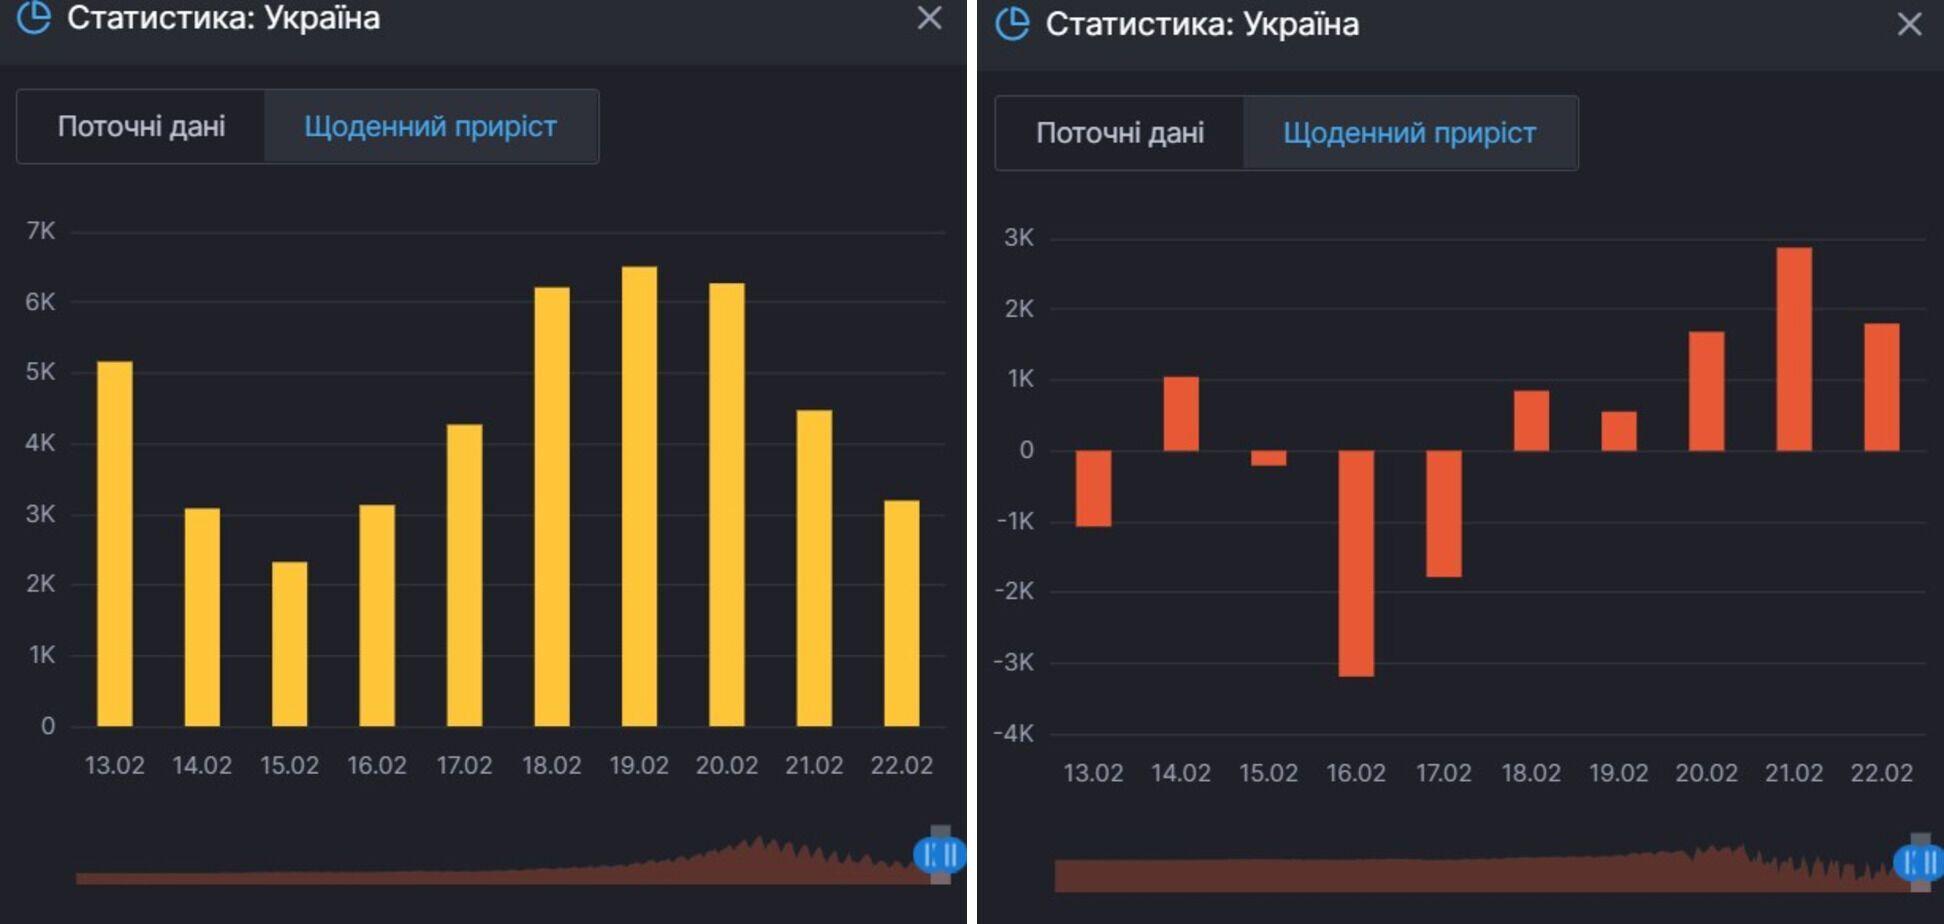 Прирост новых случаев коронавируса в Украине и лиц, которые продолжают болеть